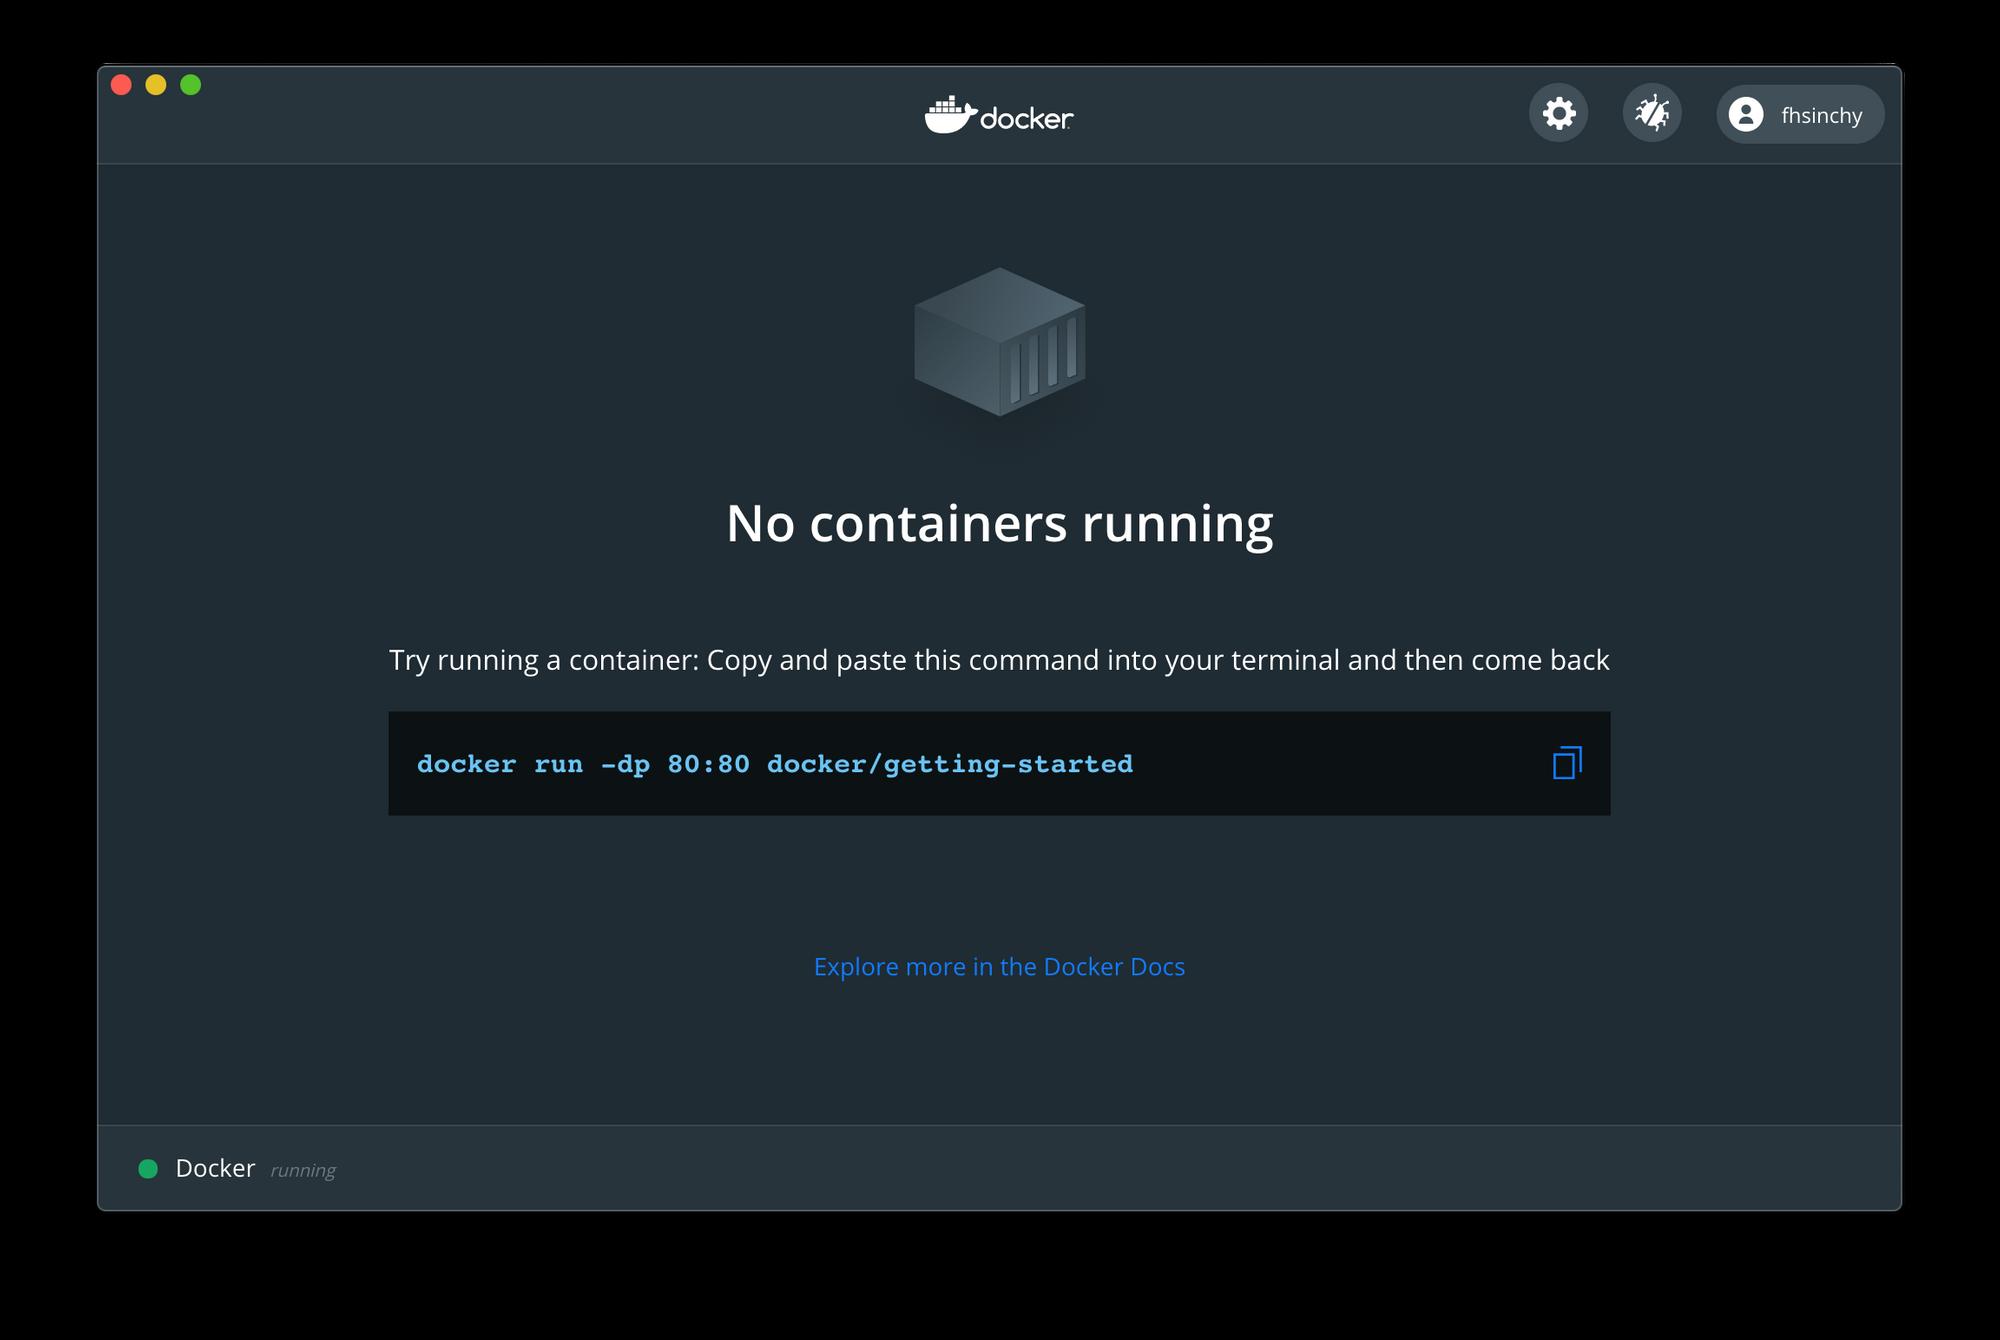 Dockerダッシュボード